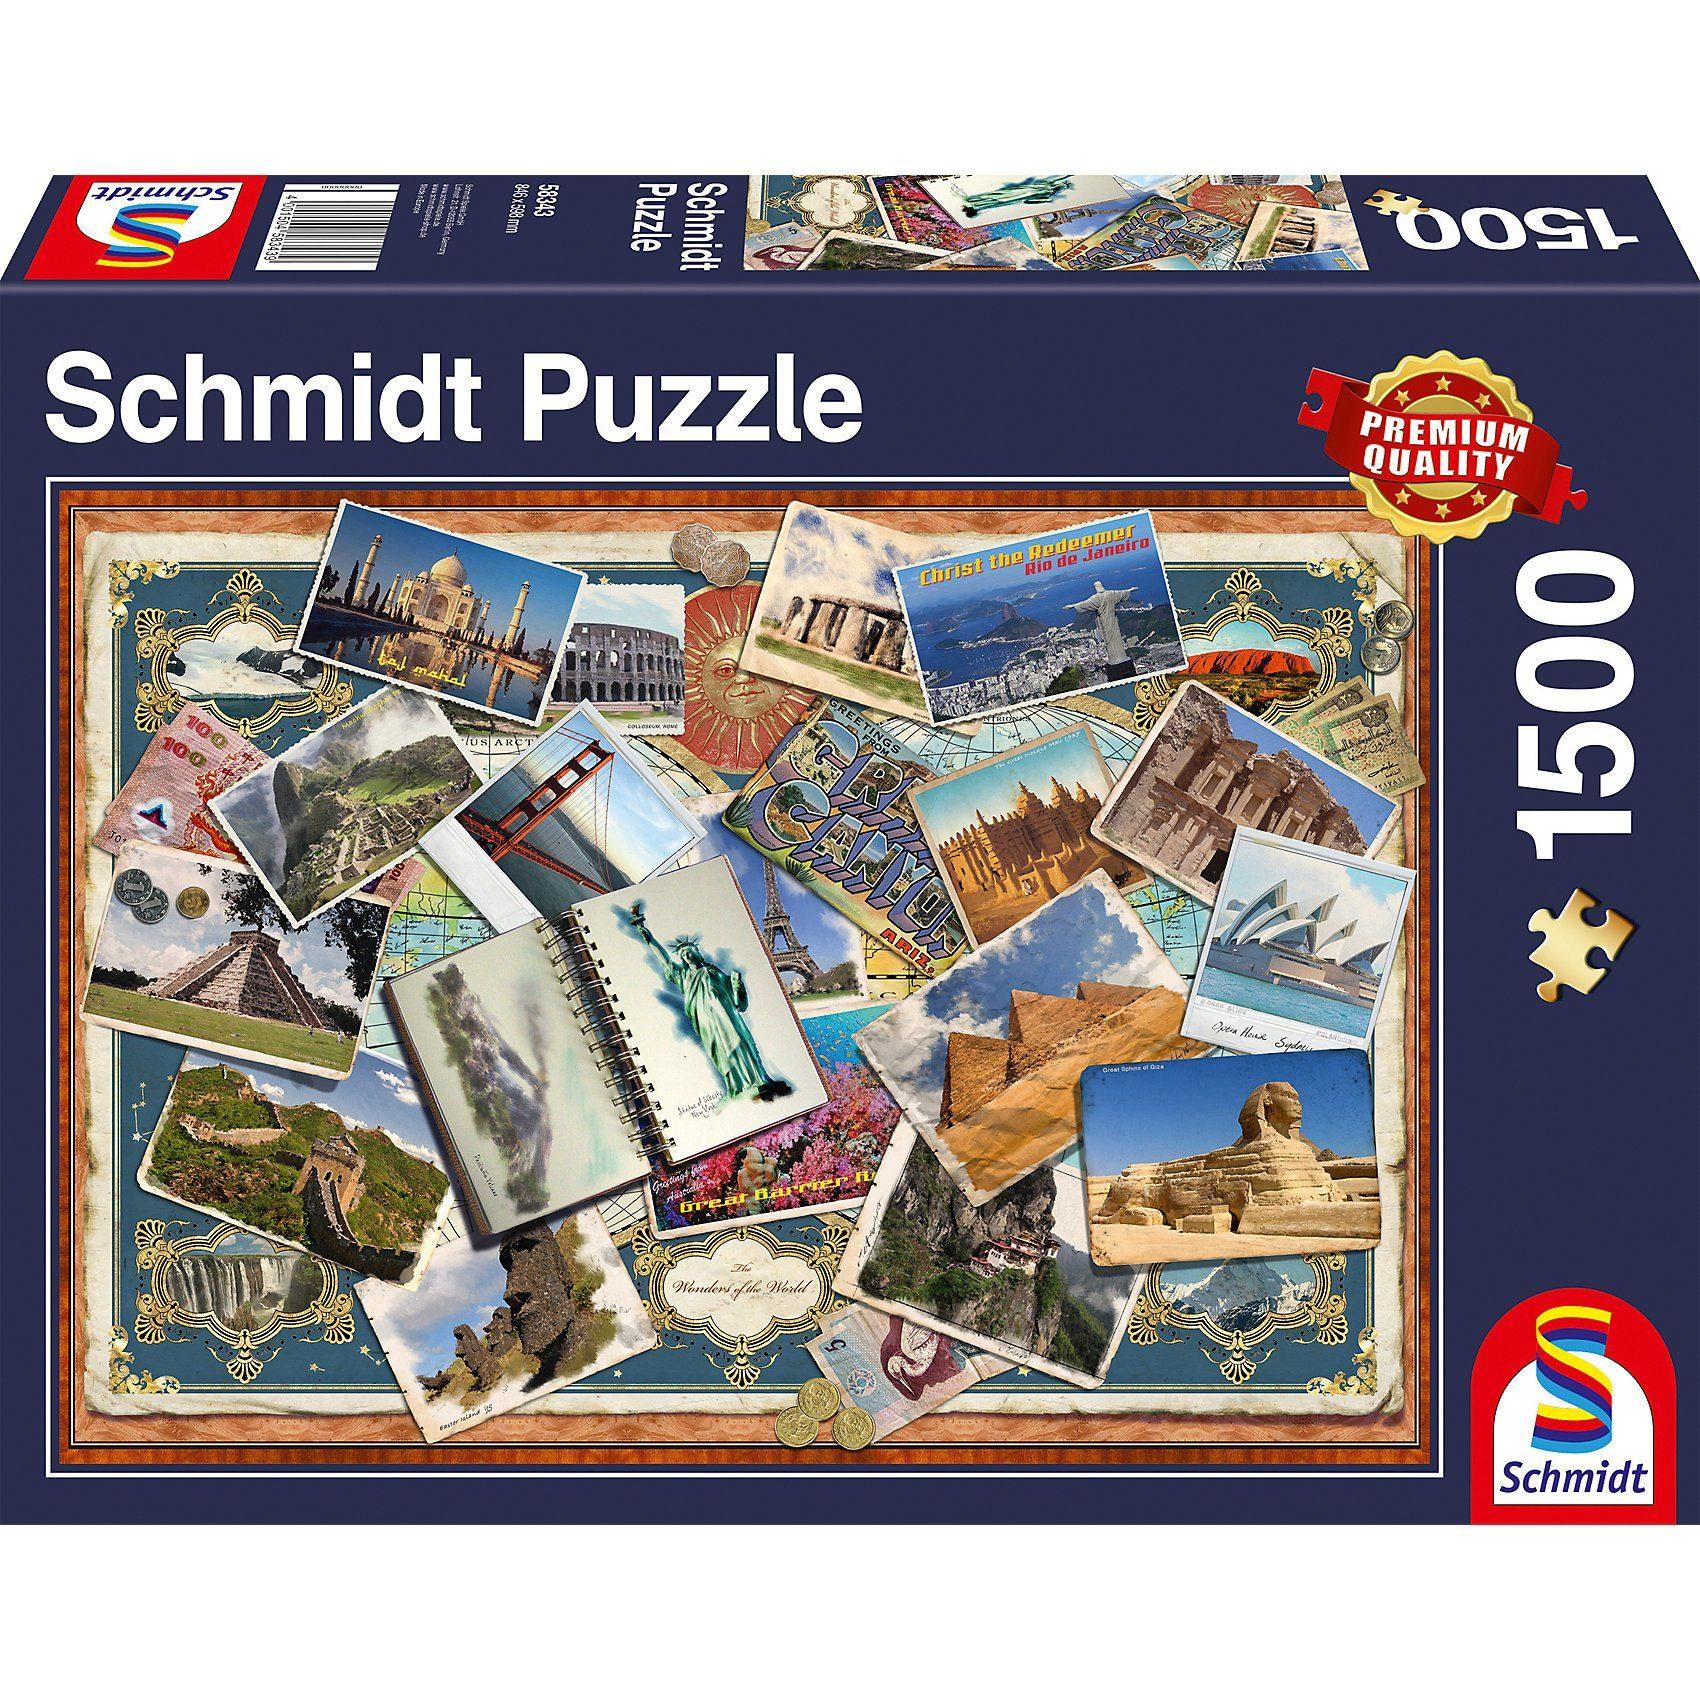 Schmidt Spiele Puzzle 1500 Teile Grüße aus aller Welt